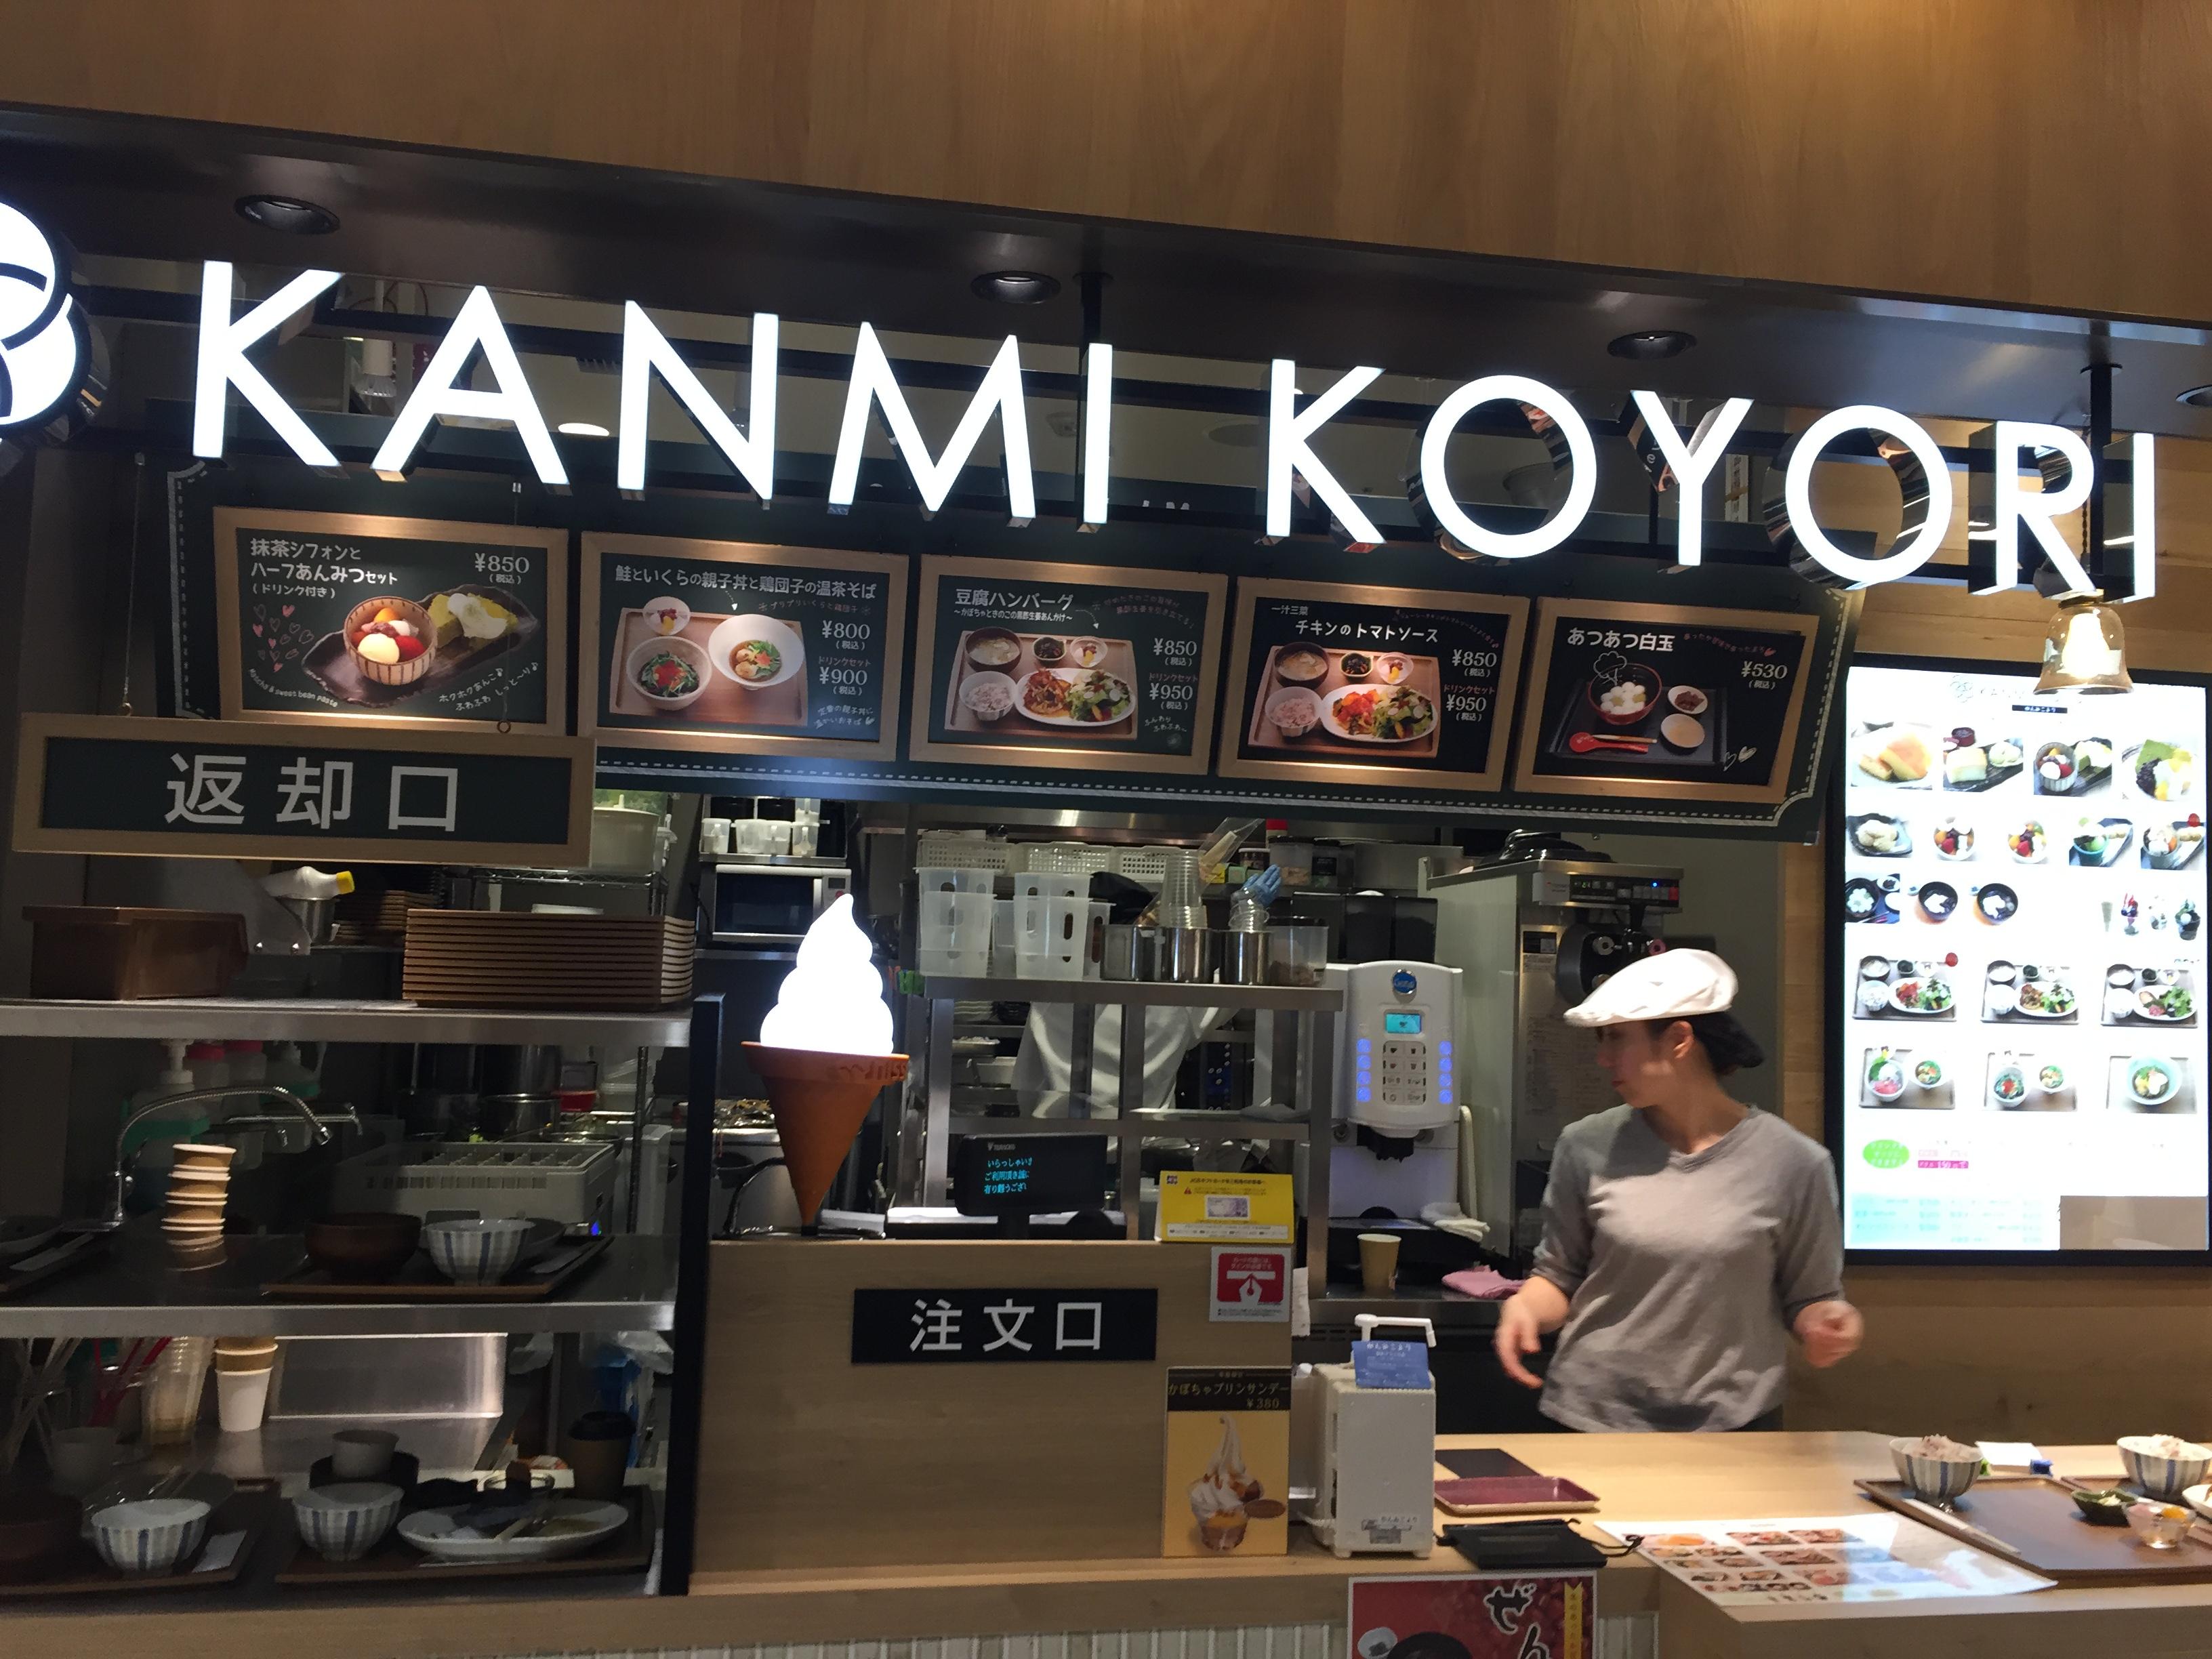 神戸・御影クラッセで大人気「かんみこより 御影クラッセ店」でランチを楽しむ!【※食レポあり】